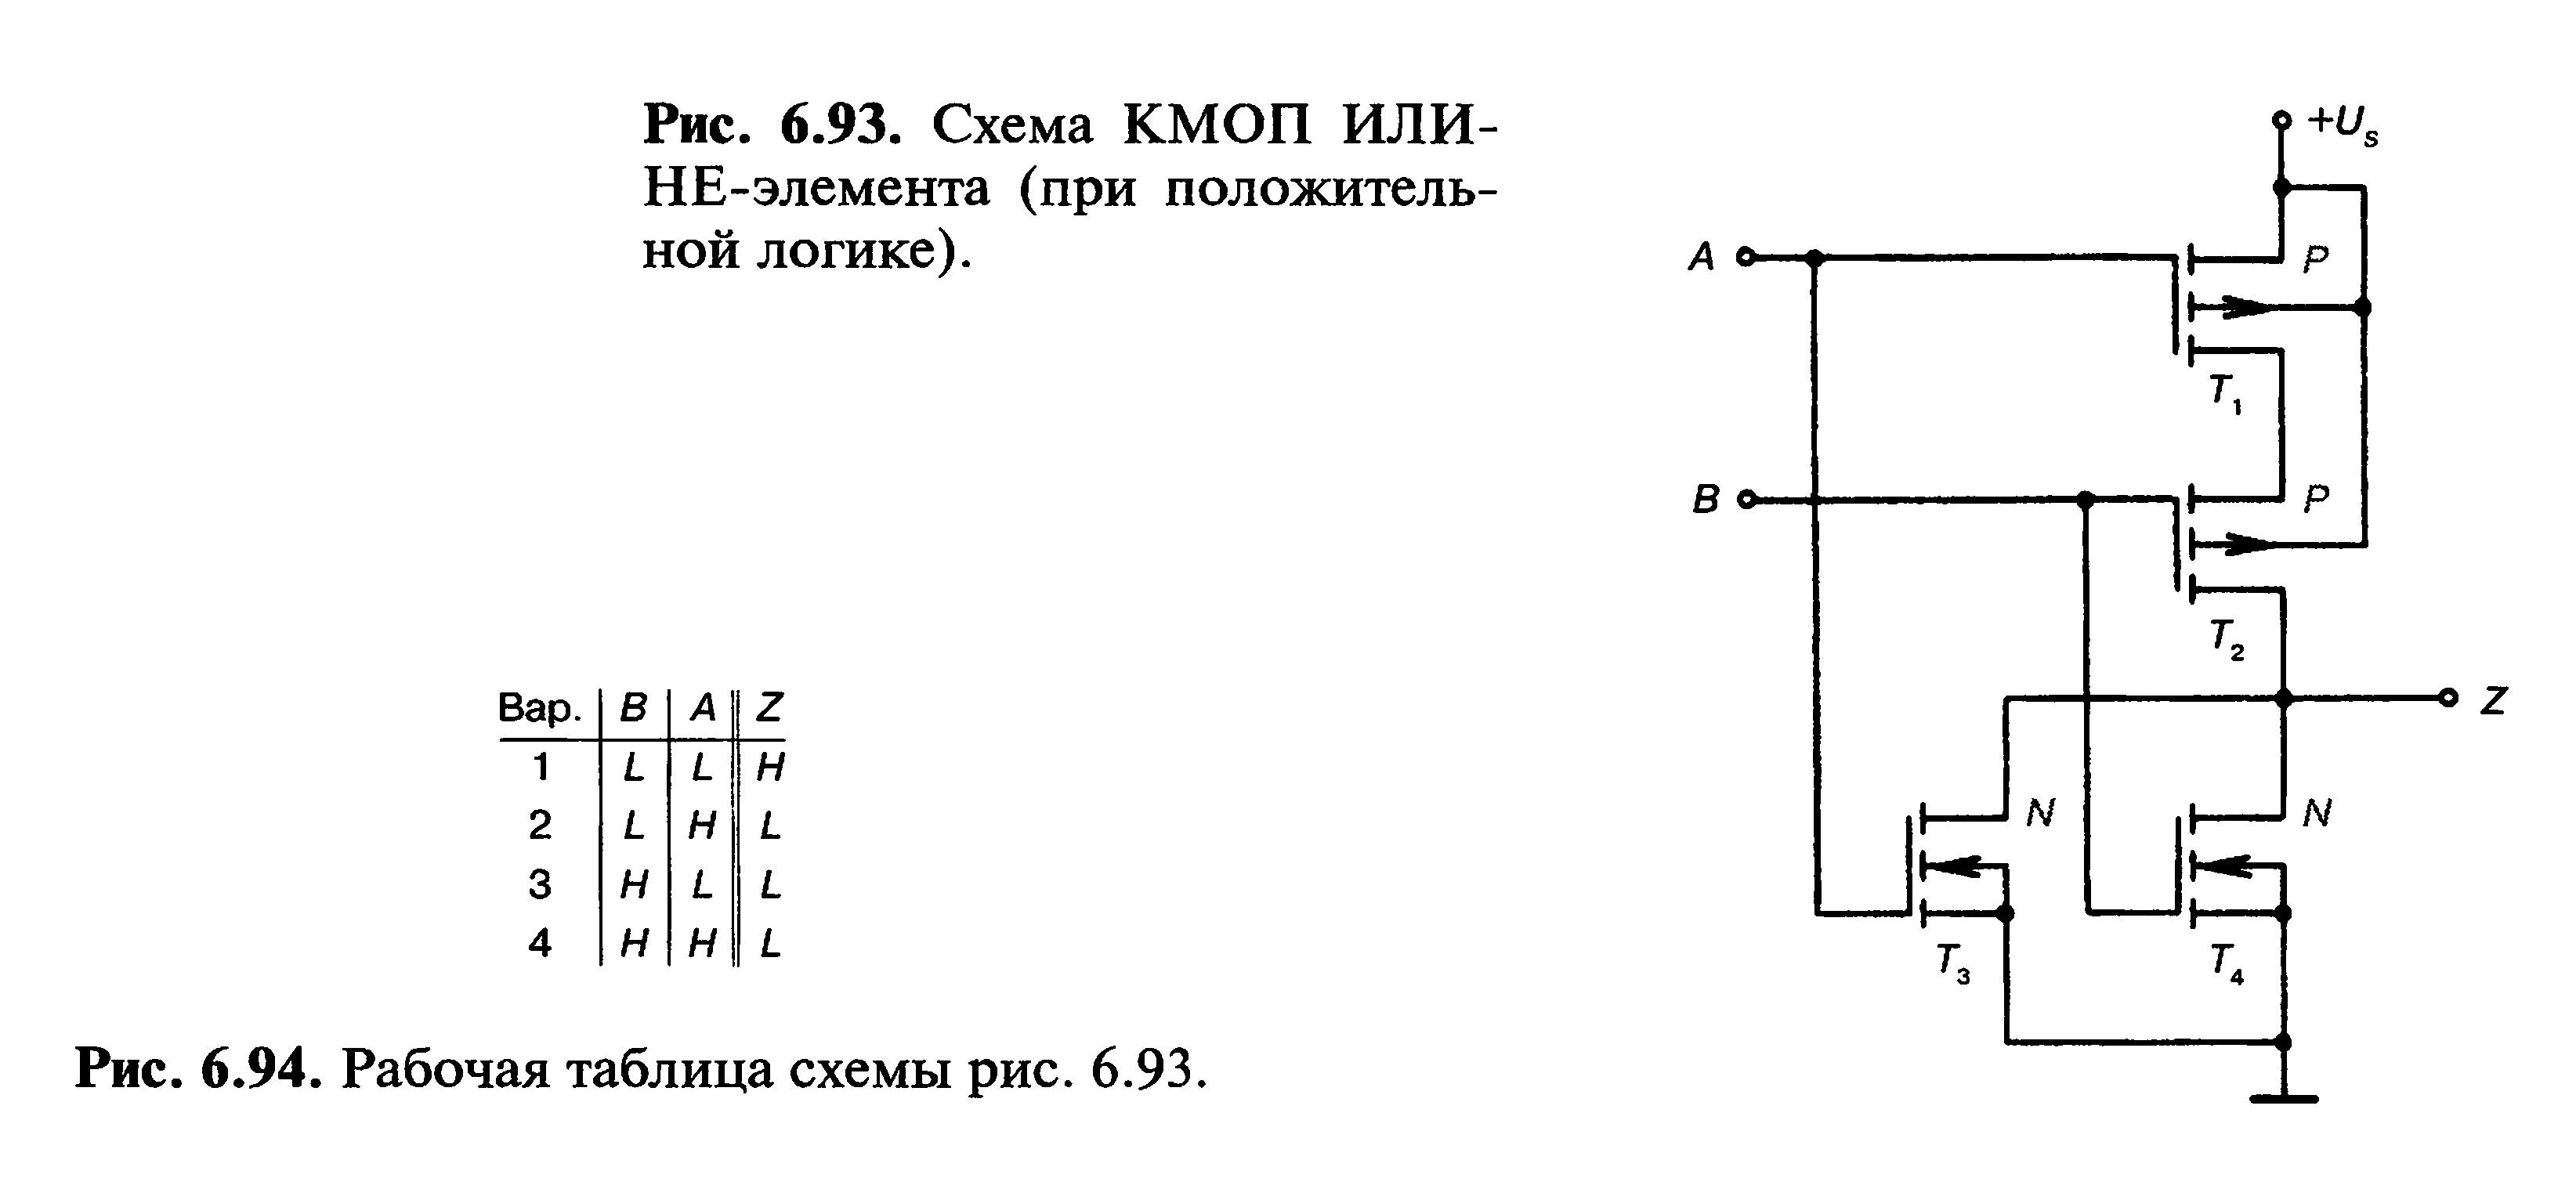 Элемент 2 или не схема кмоп 10